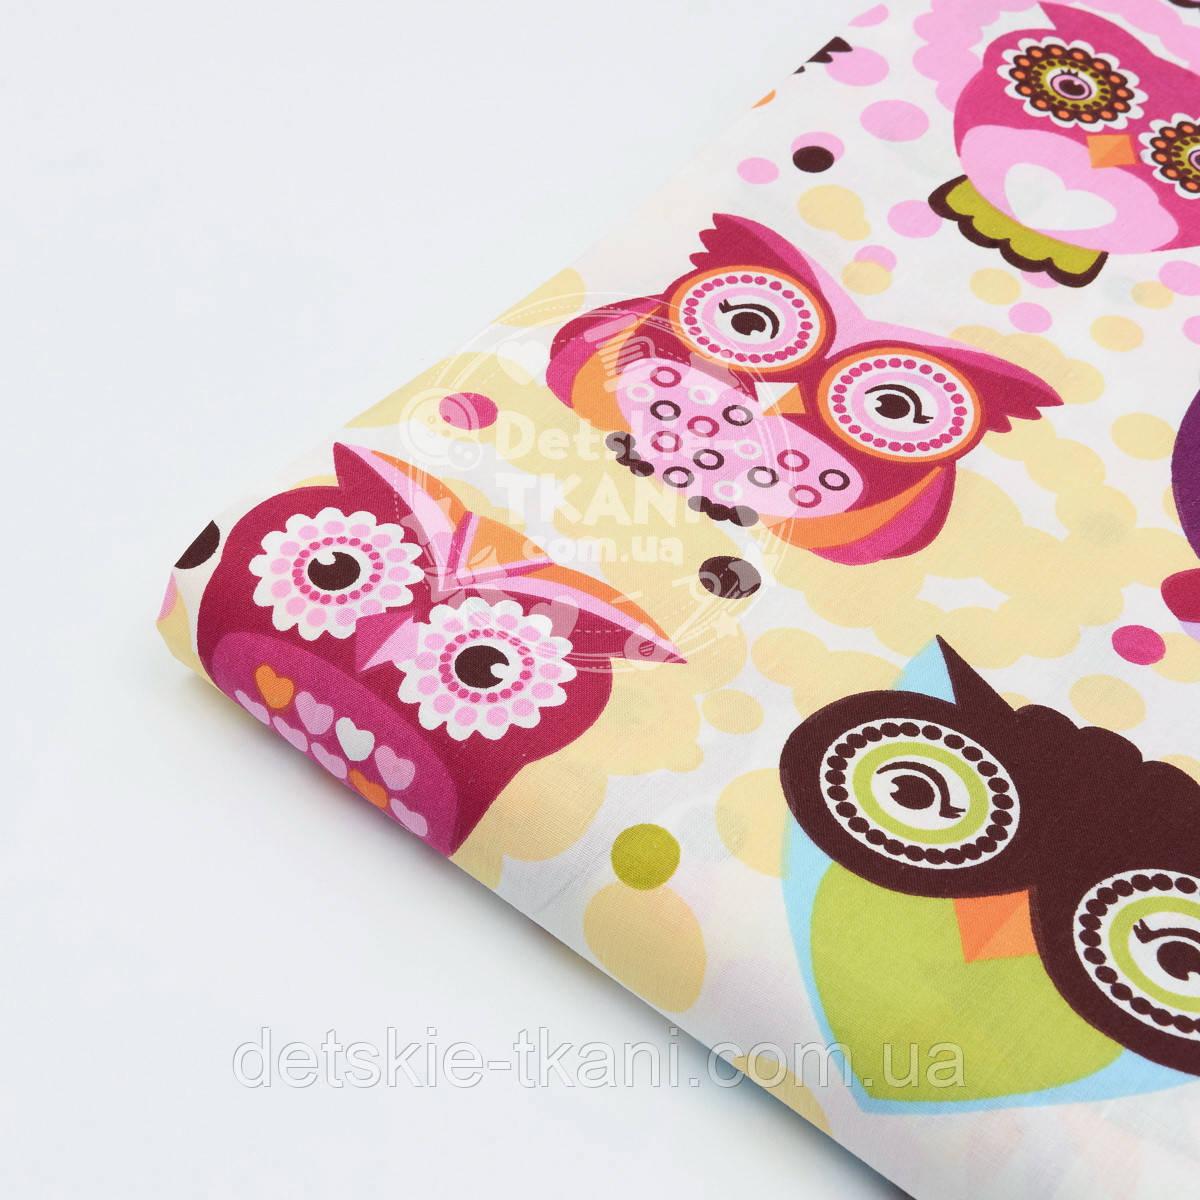 Лоскут ткани №498а  с индийскими совами в розовых тонах